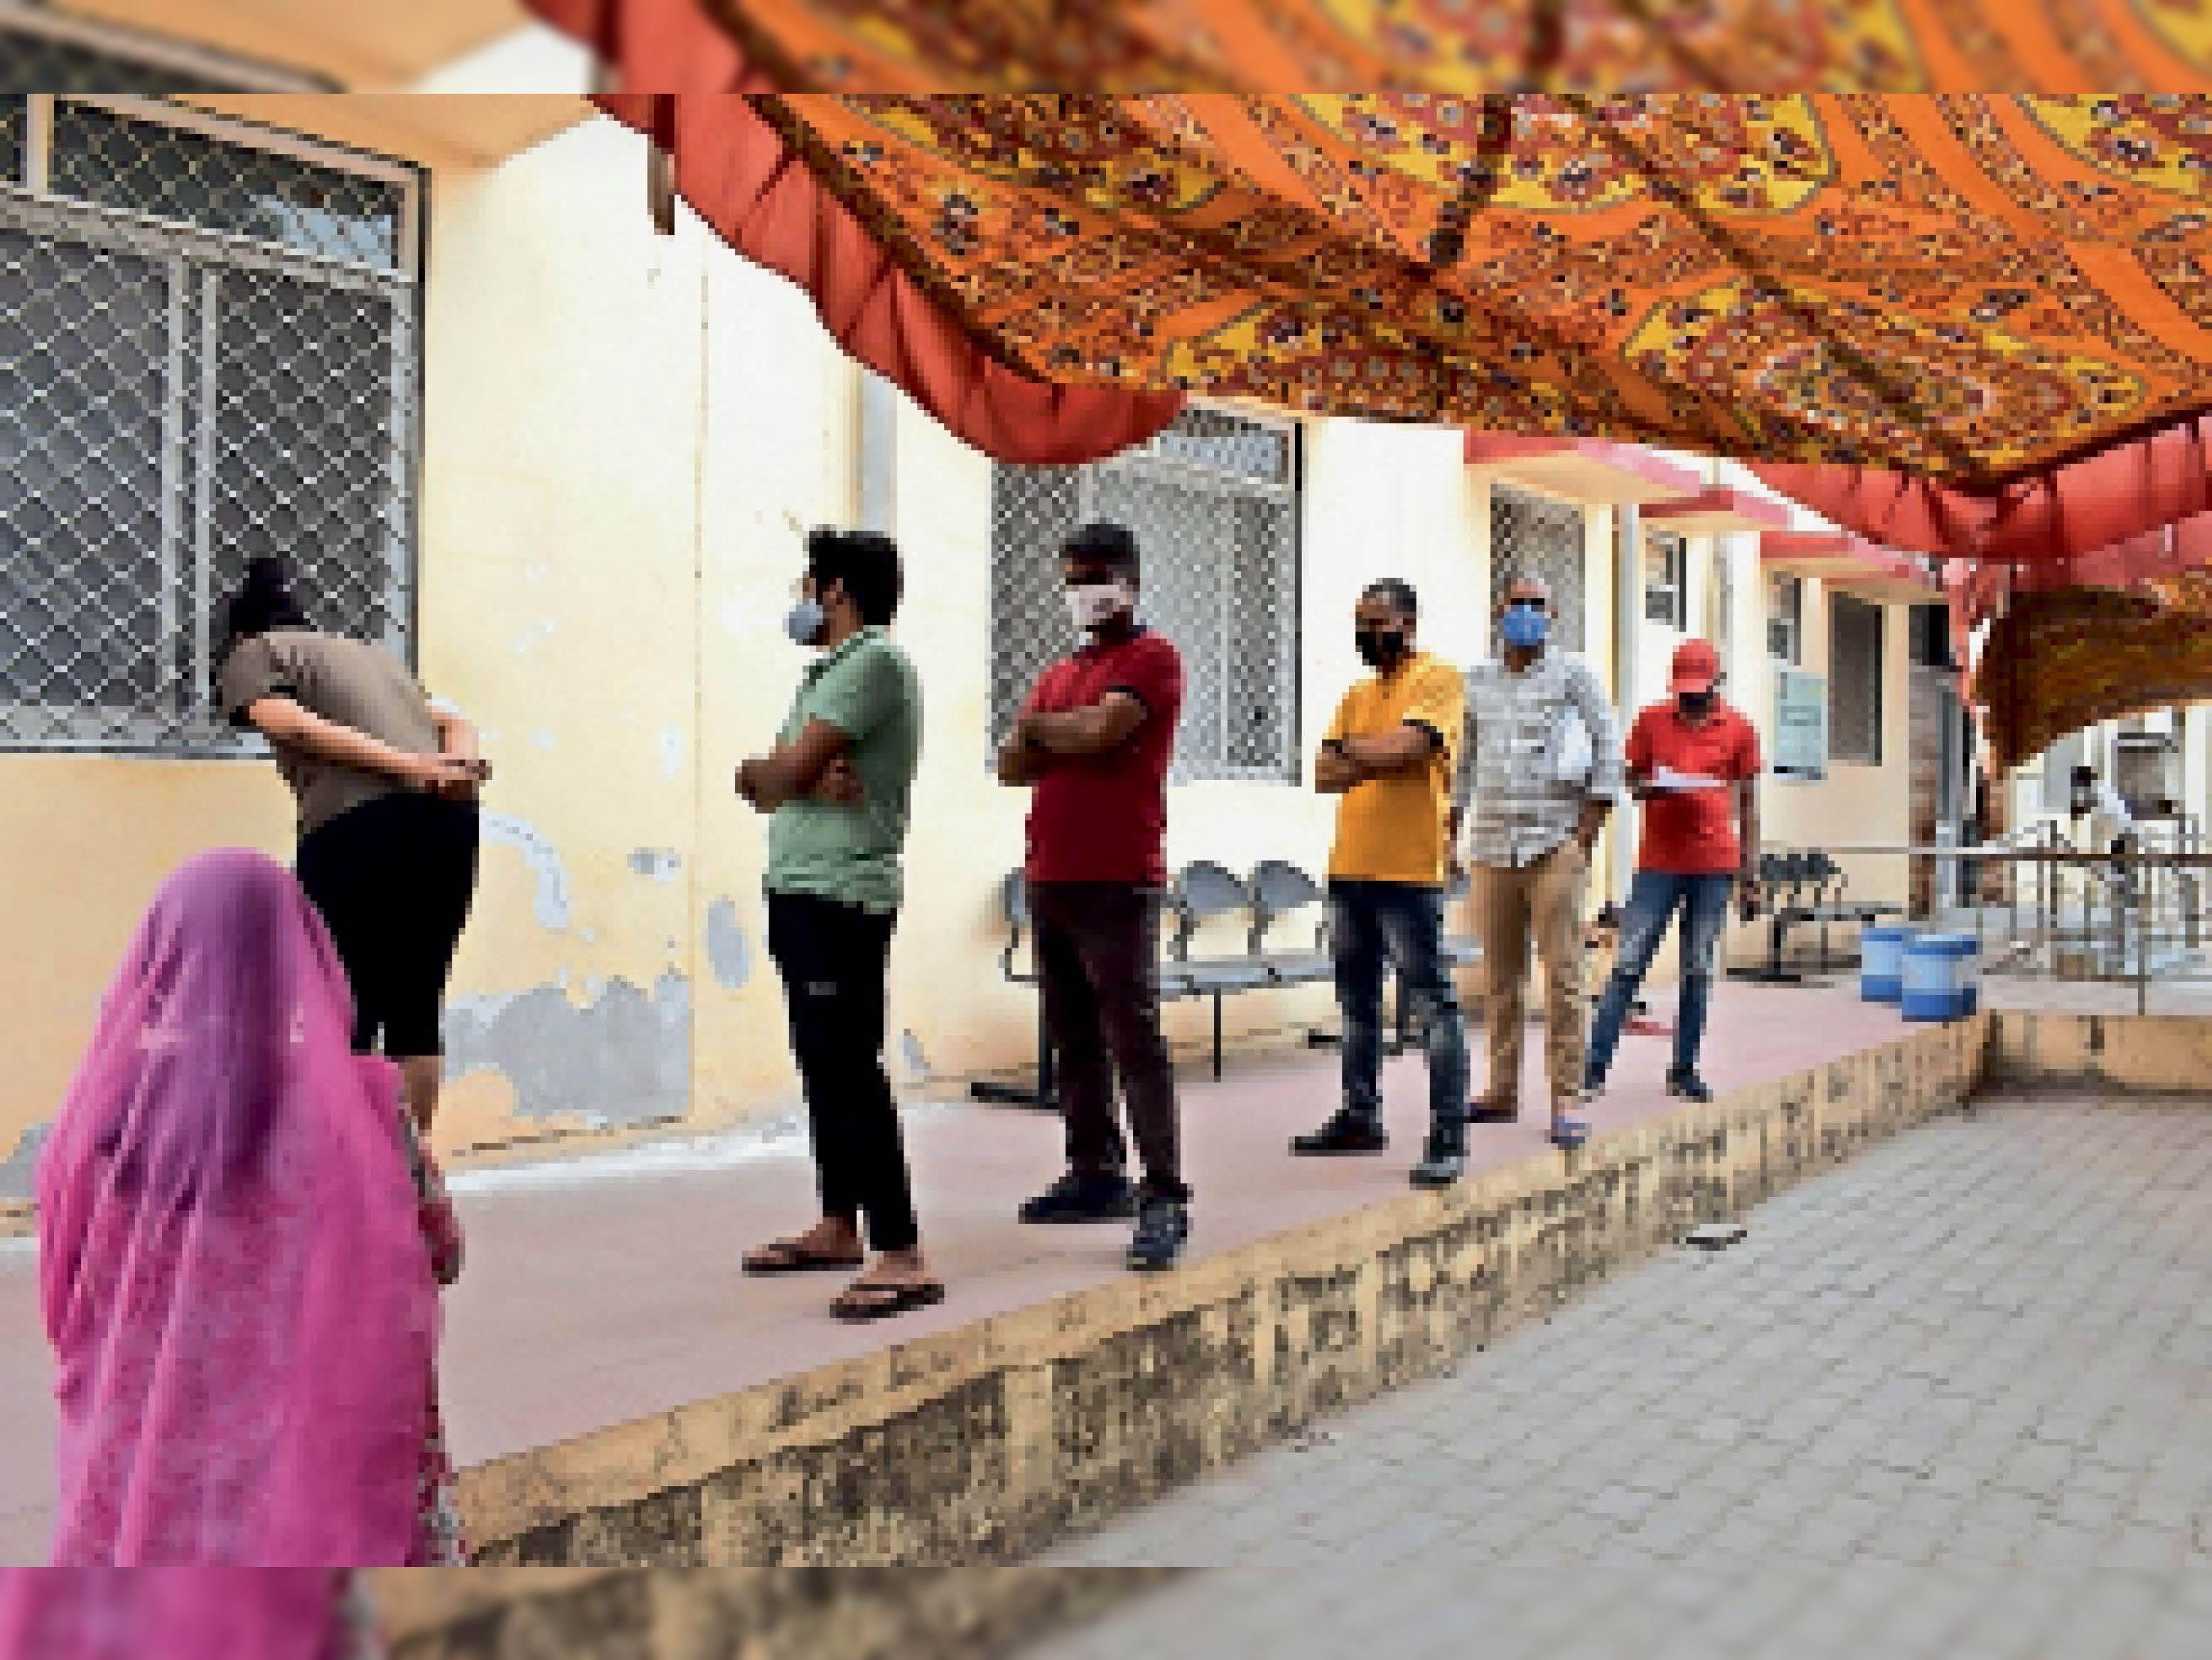 काेराेना सैंपल देने वालों की एमजी अस्पताल में रोज कतार लगती है। - फाइल फोटो - Dainik Bhaskar